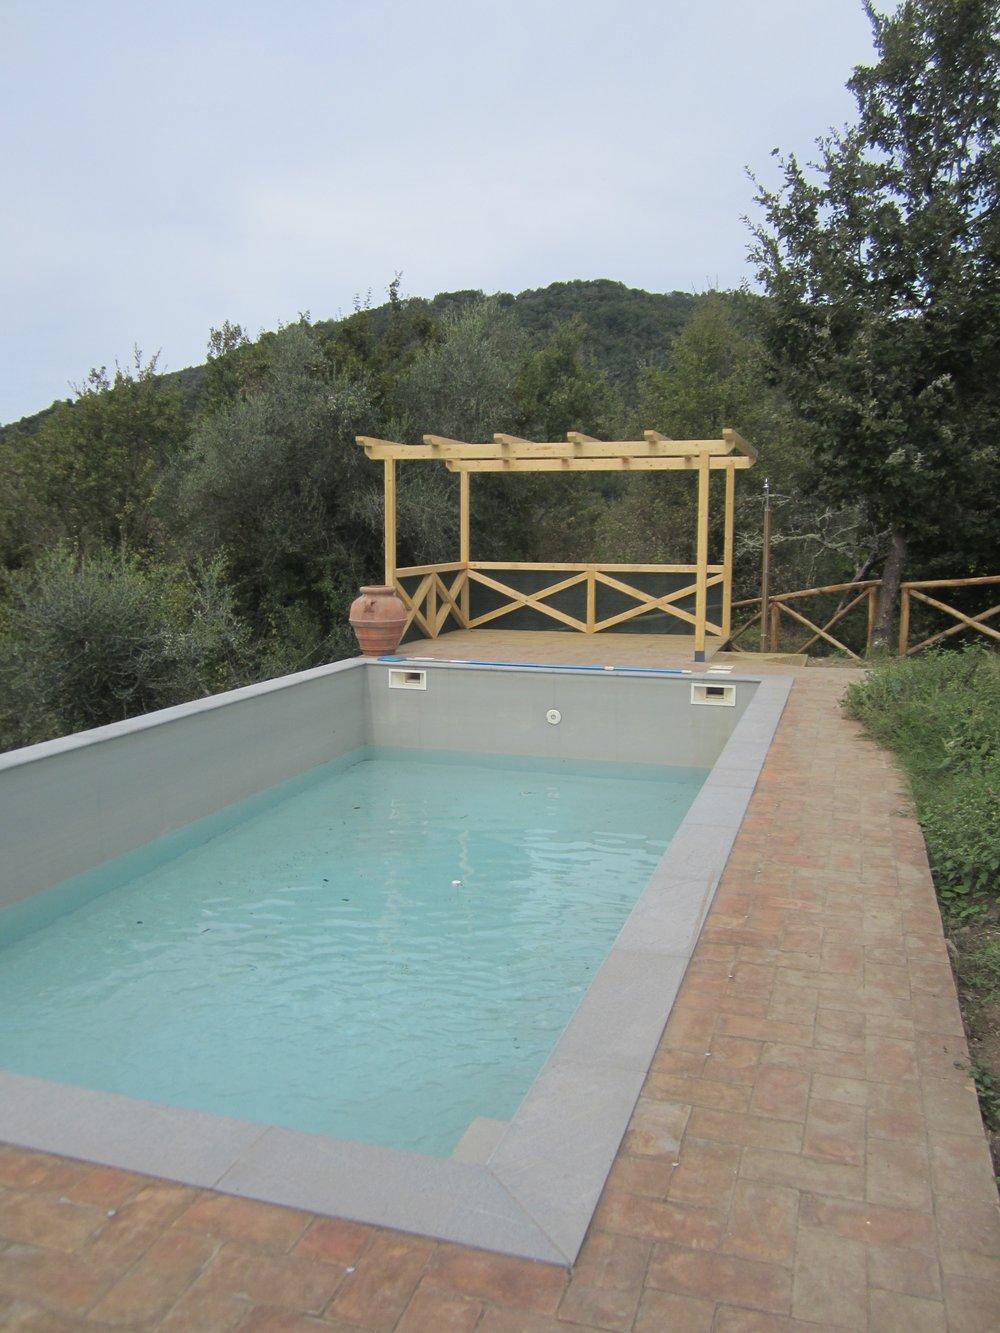 Swimming pool and pergola at Biancan…